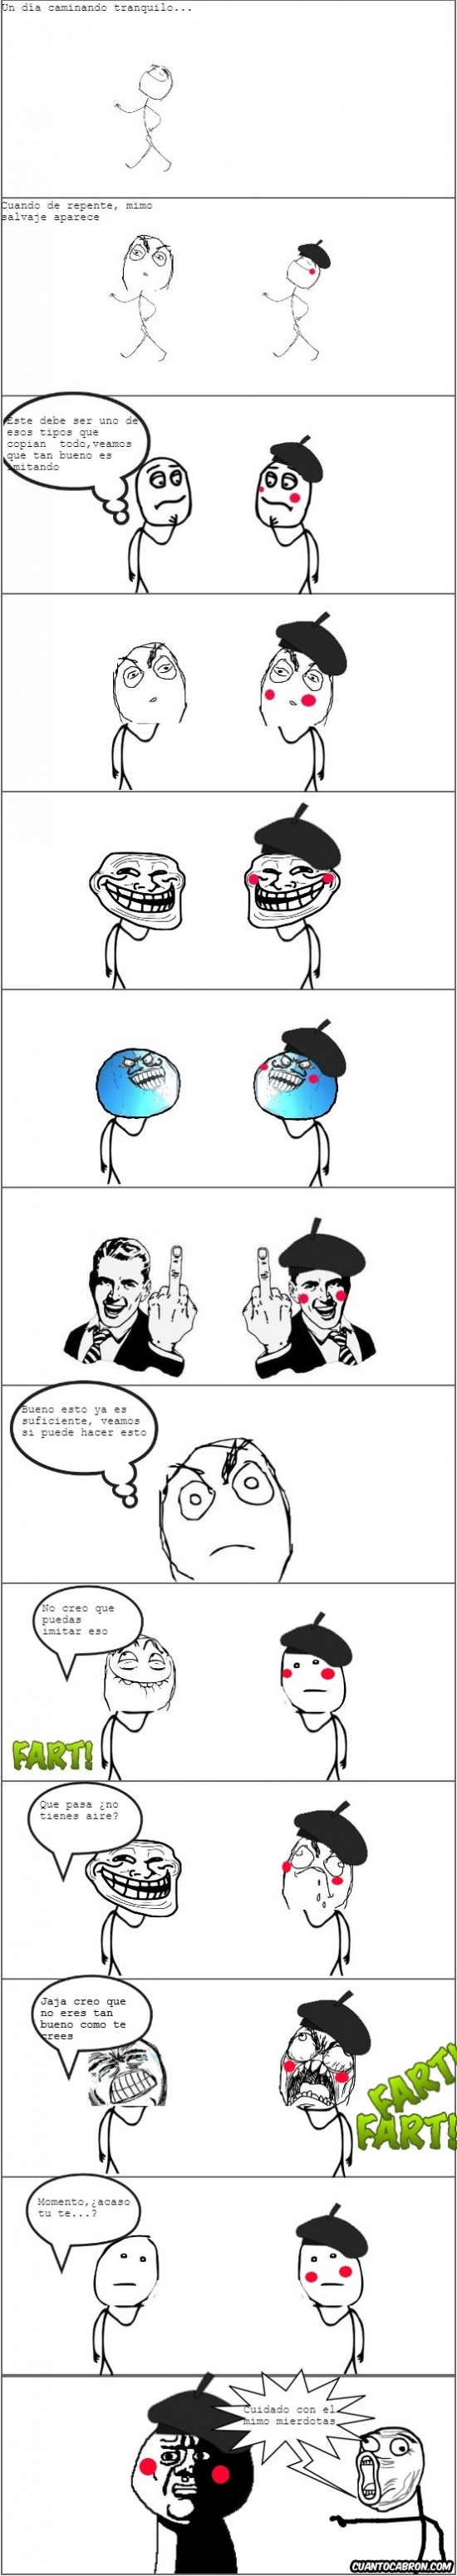 Oh_god_why - Personas demasiado buenos copiando